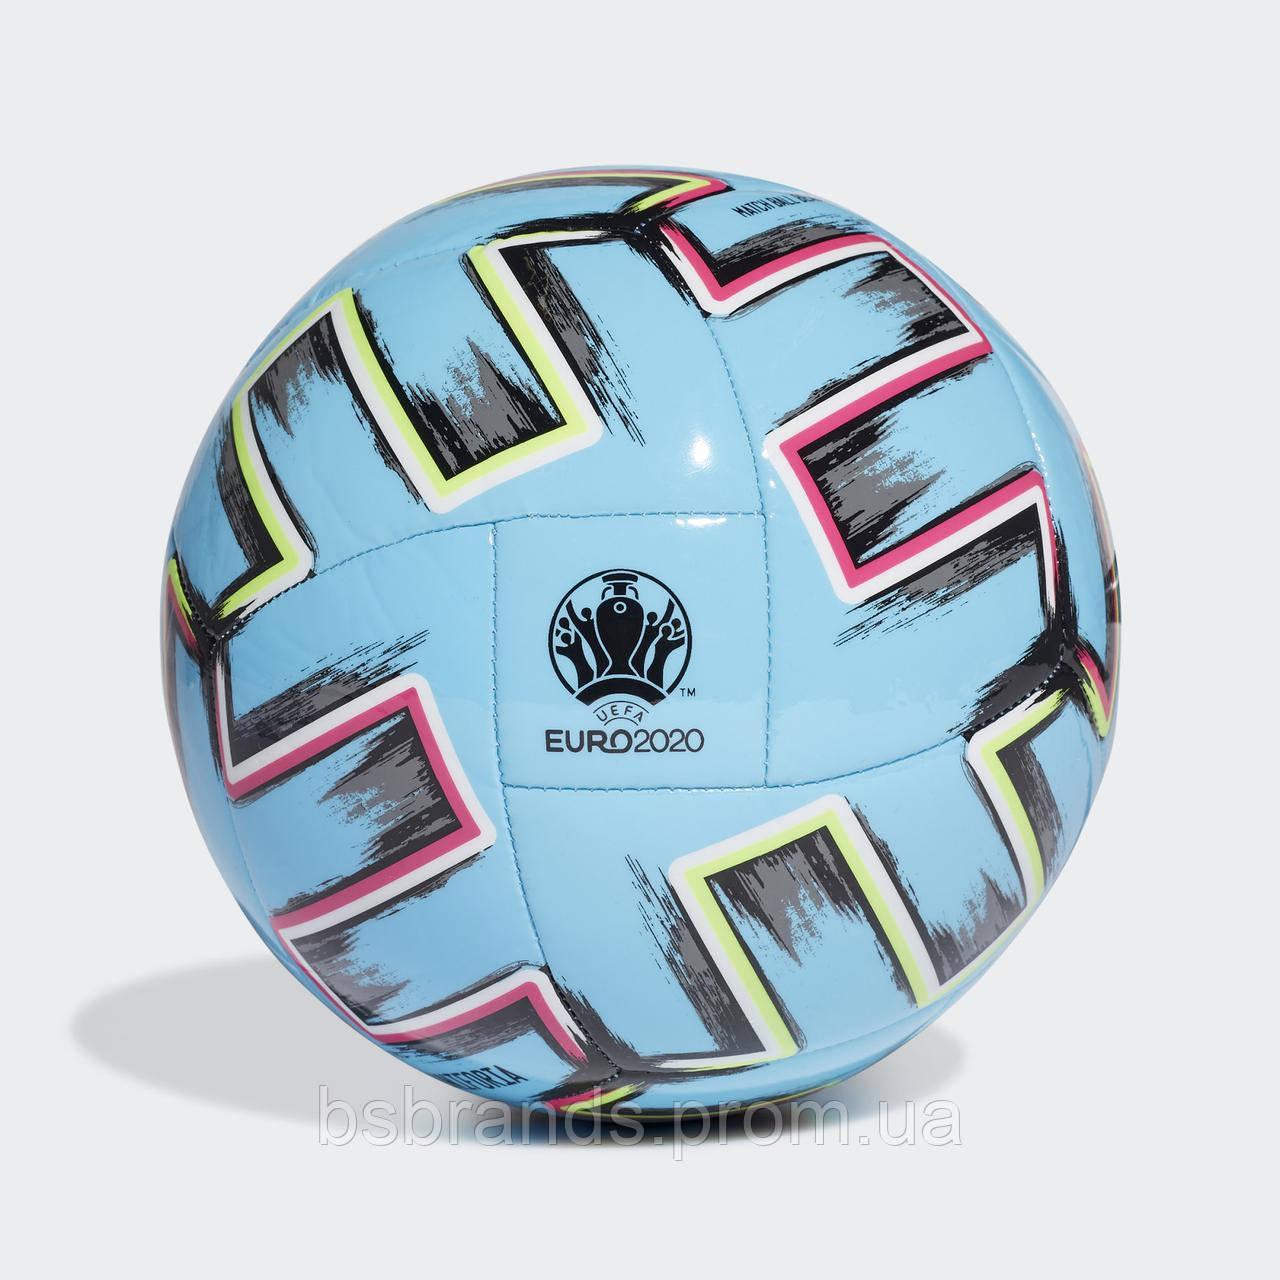 Мяч для пляжного футбола Uniforia Pro FH7347